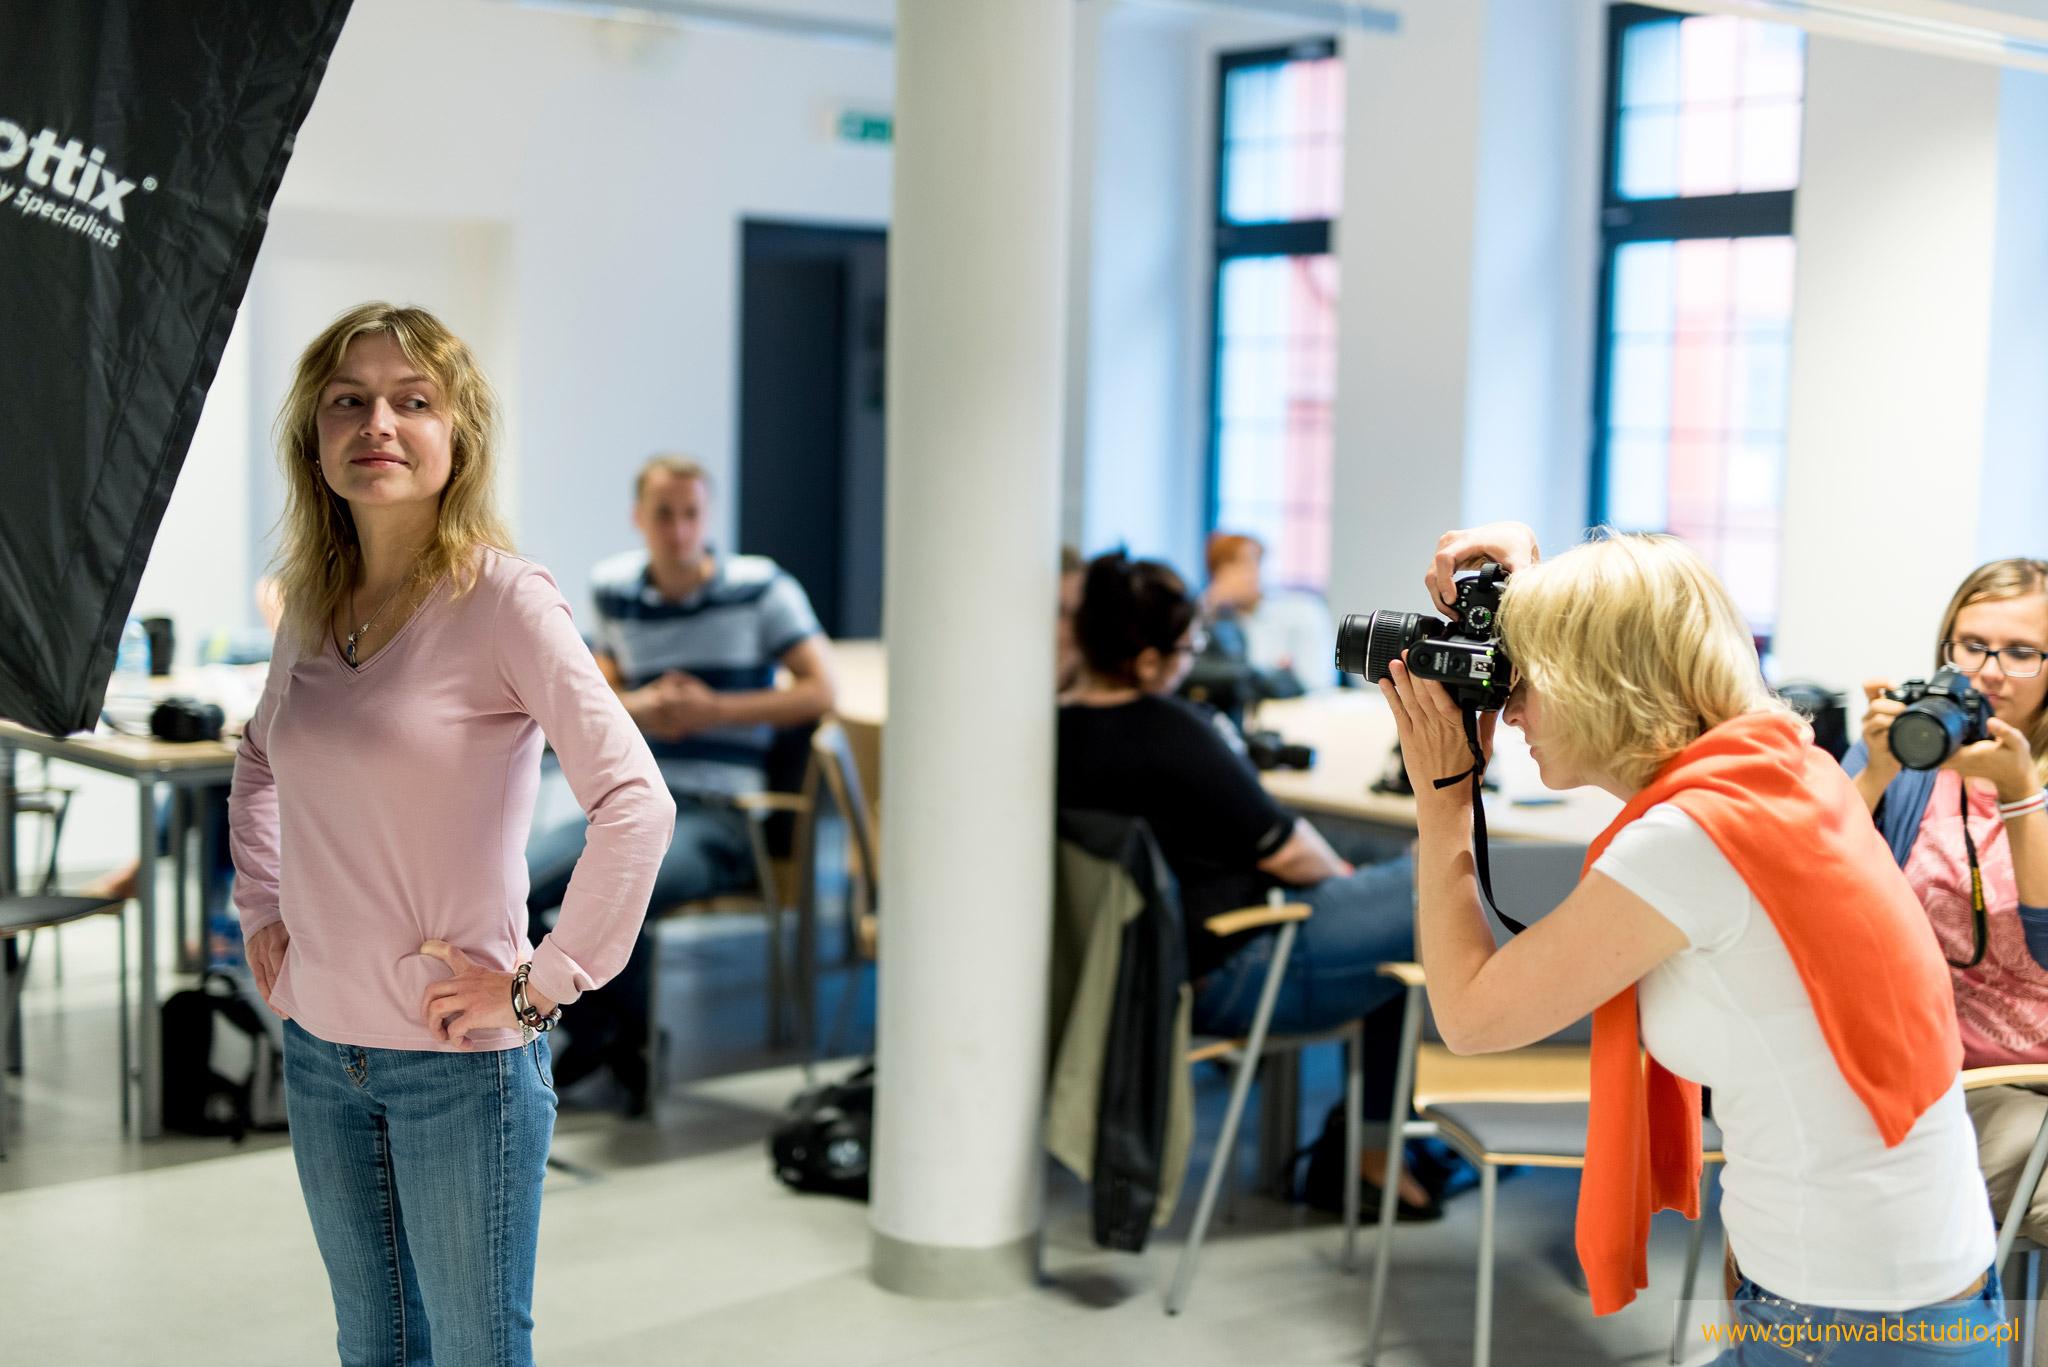 Grunwald Studio Kursy fotografii Wrocław 2015 2